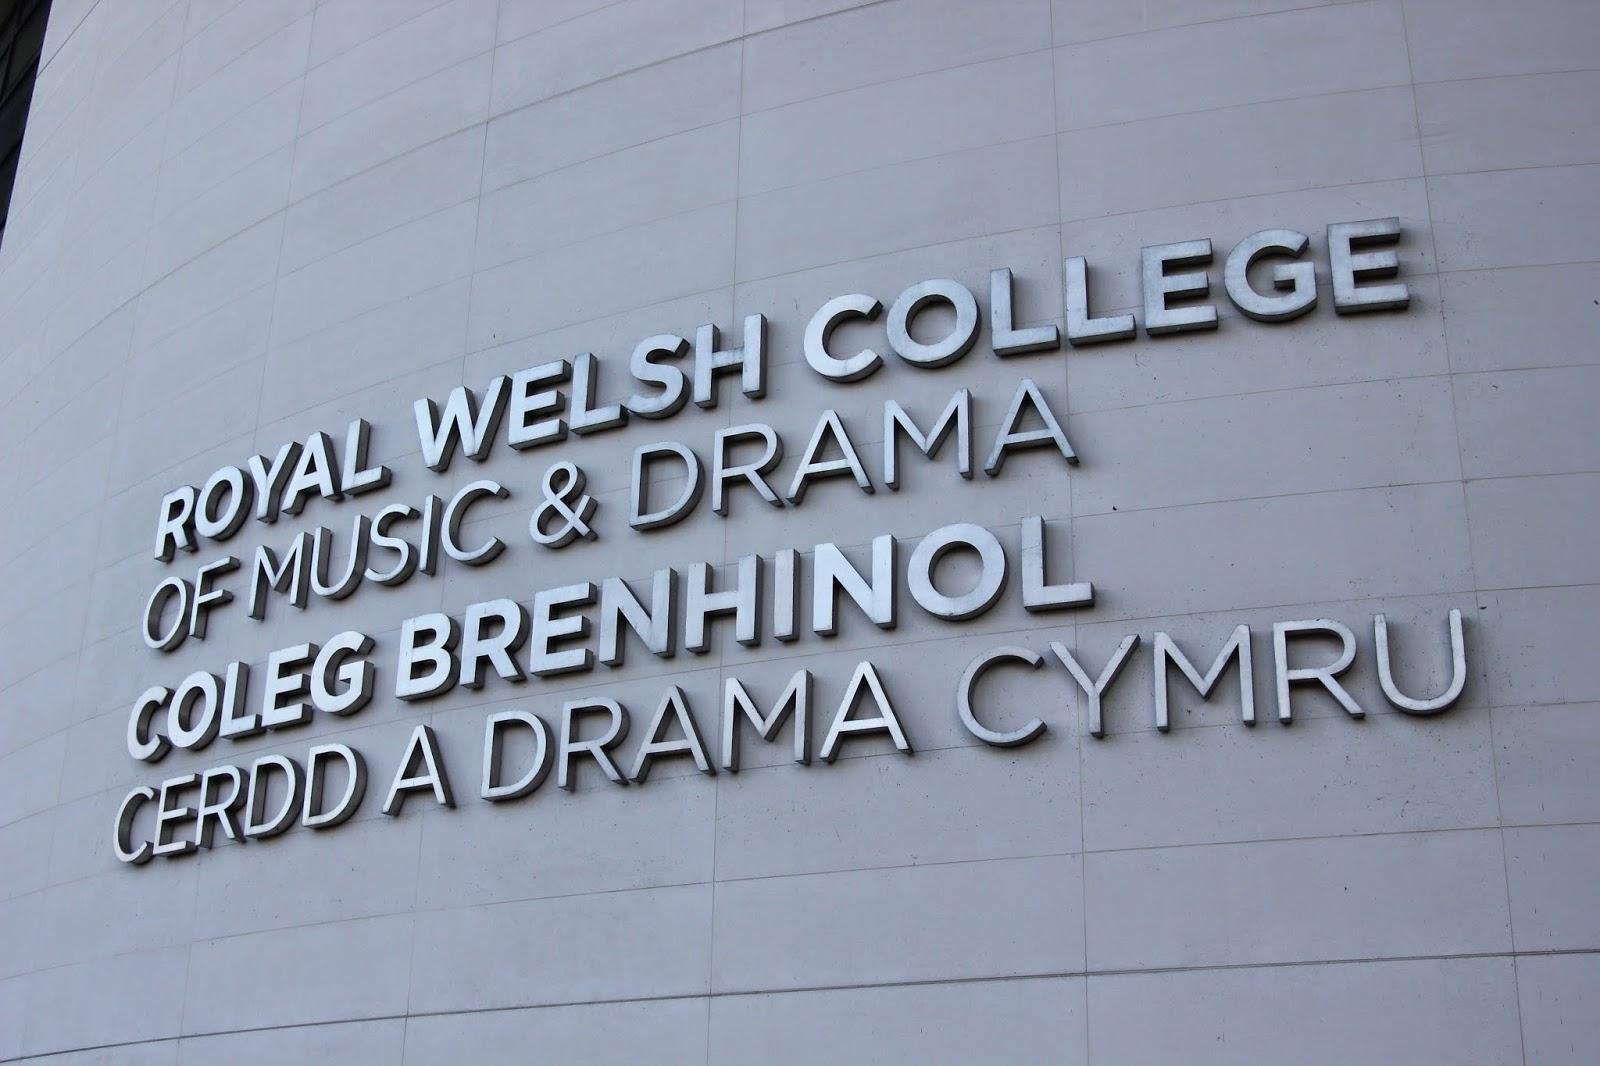 RWCMD Cardiff